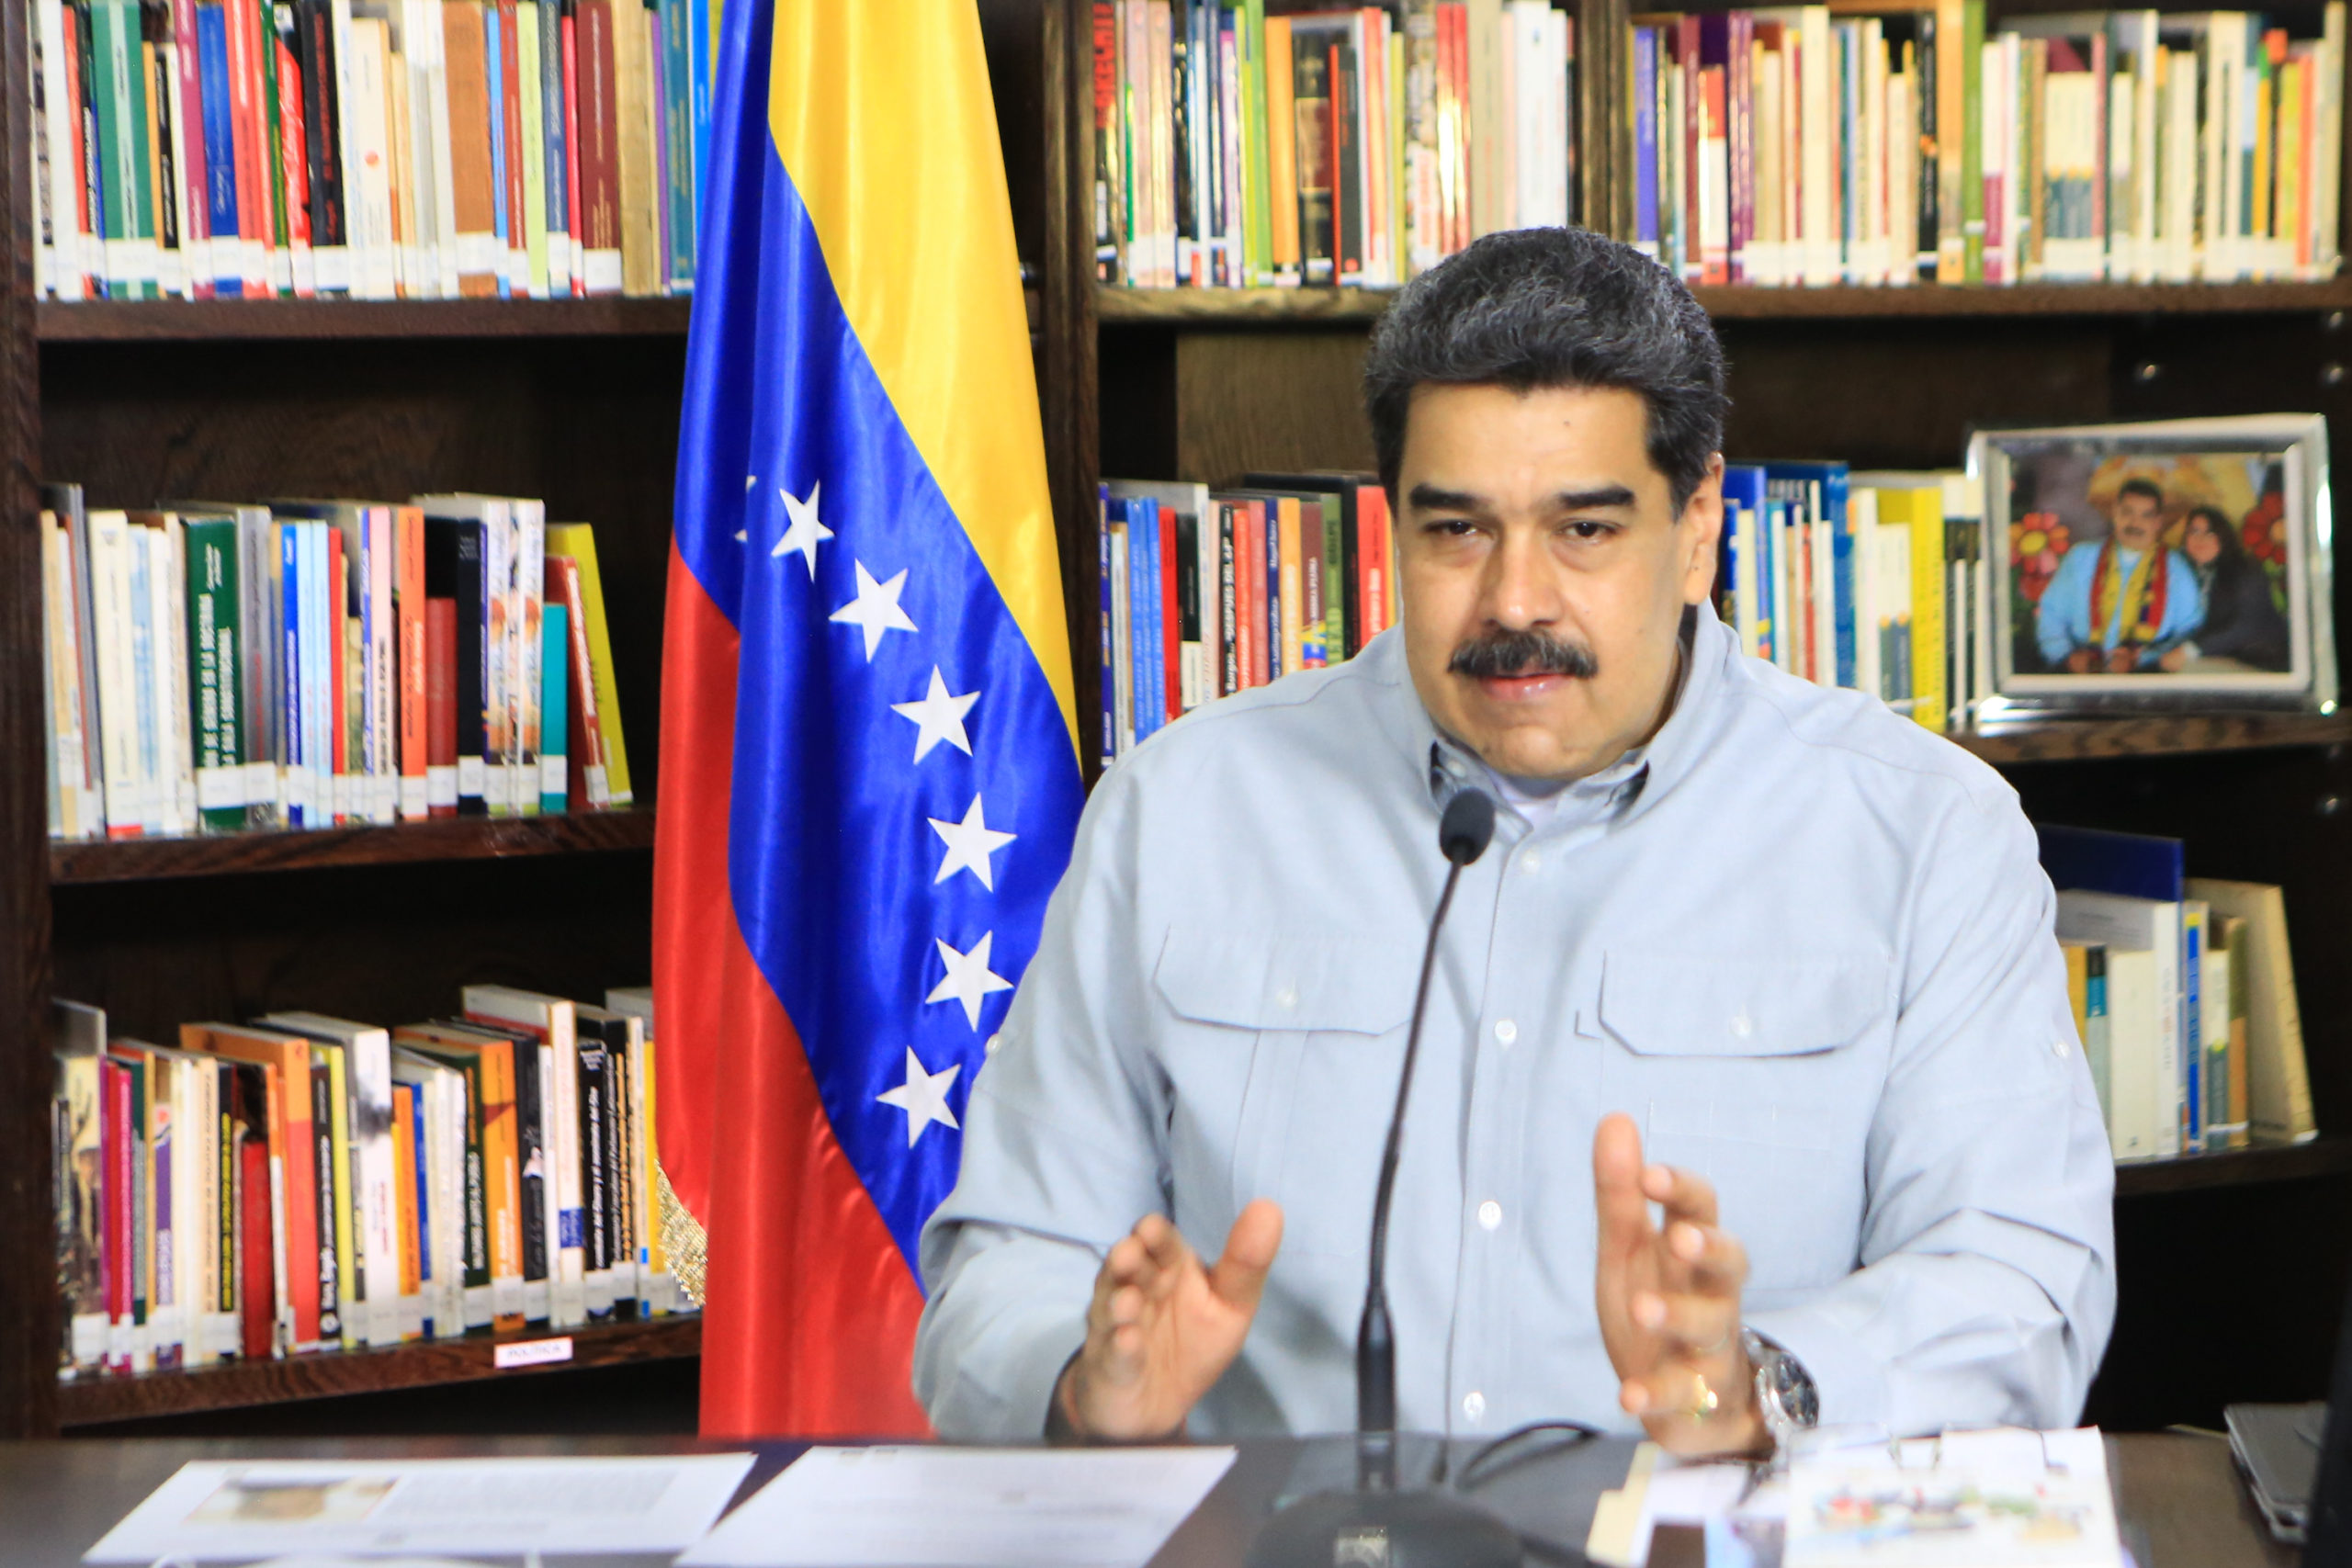 ¿Nuevo precio de la gasolina? Maduro anunció estar evaluando el tema con especialistas